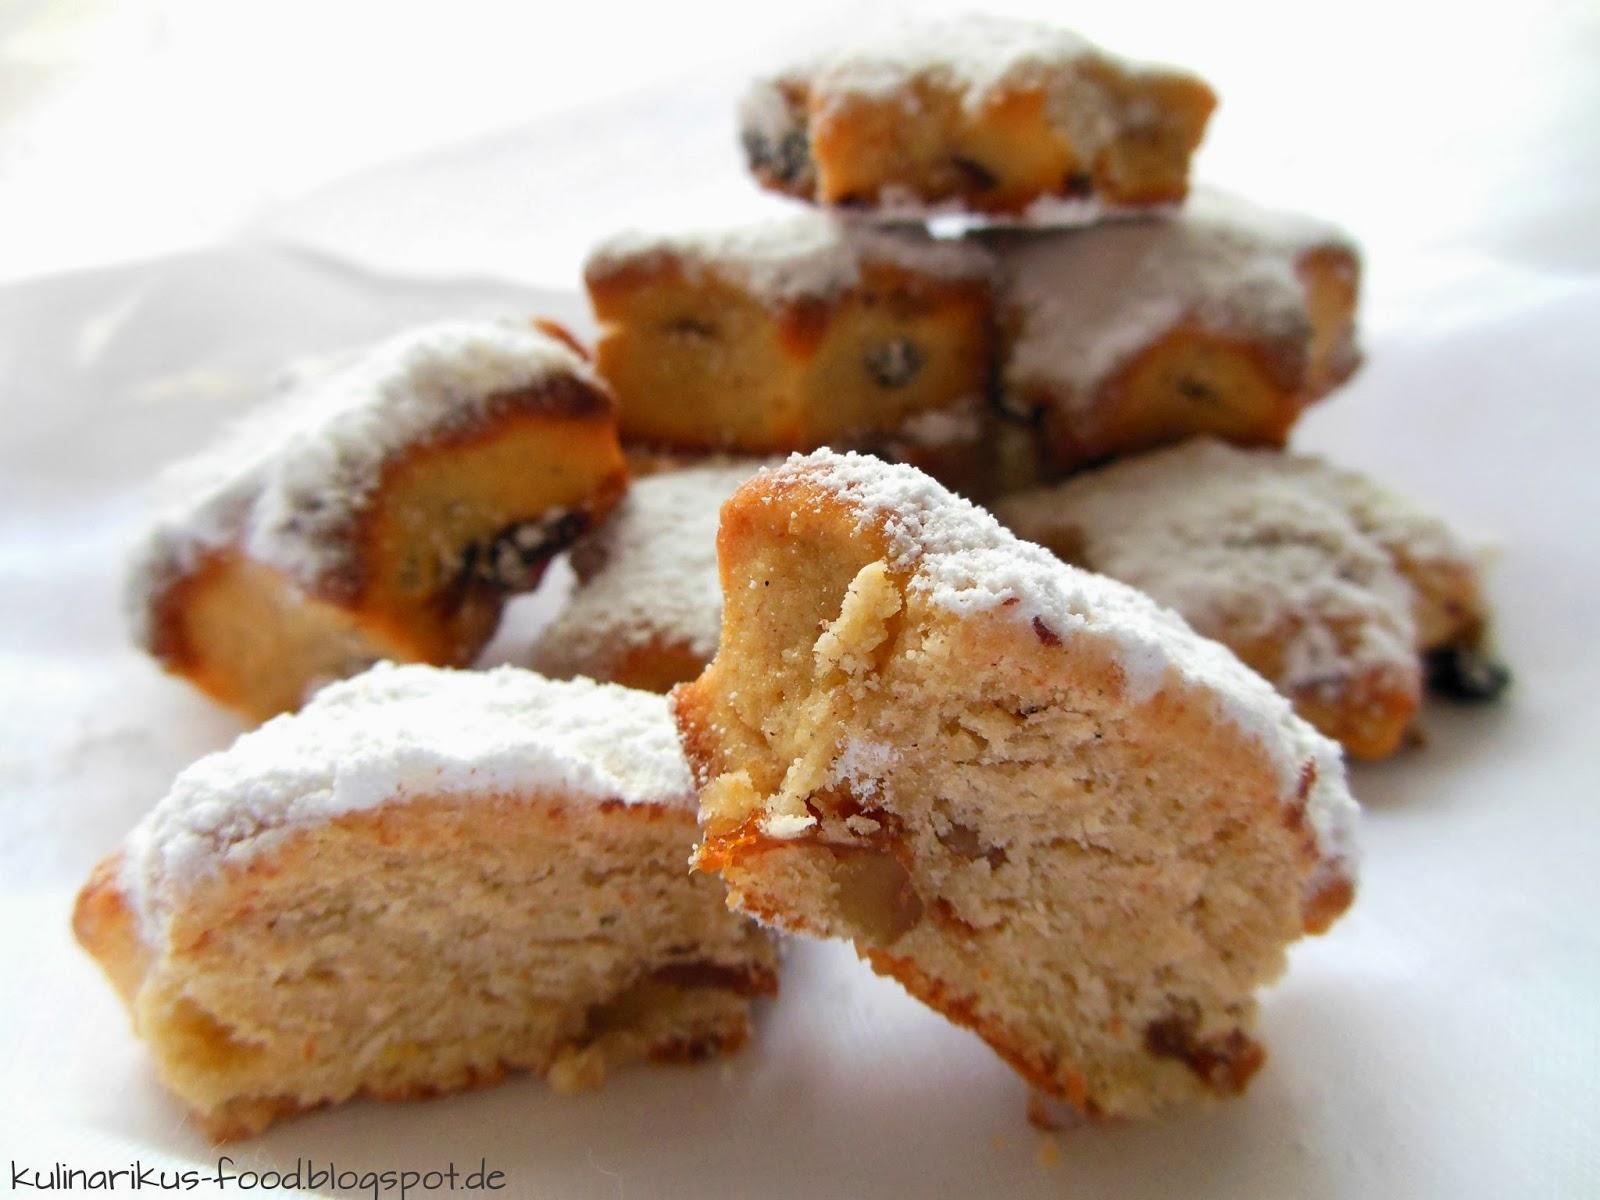 Kulinarikus: Kleine Geschenke aus der Küche: Quark-Stollenkonfekt